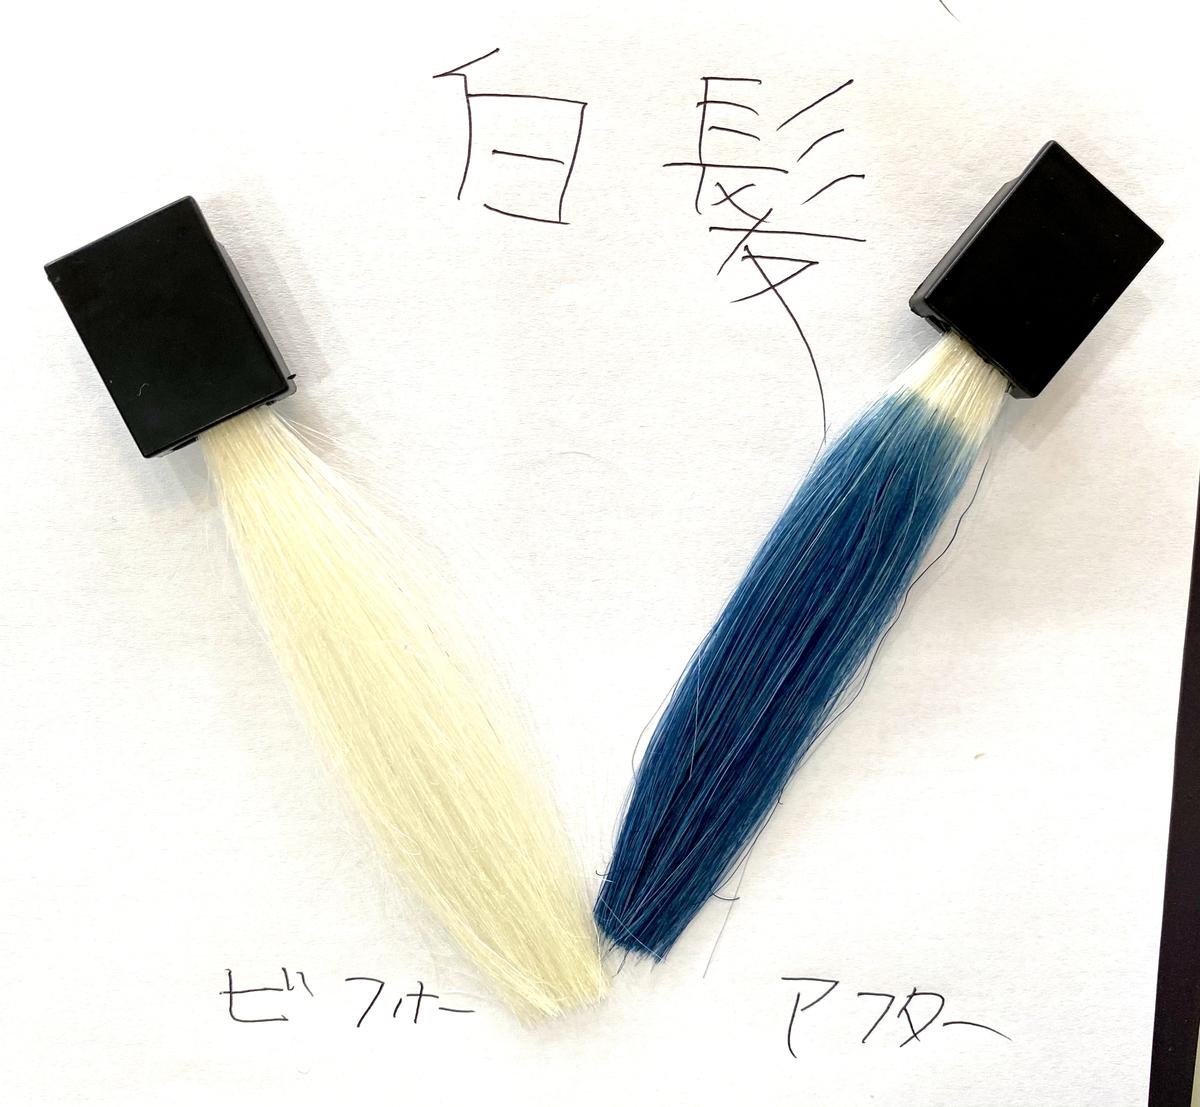 画黒左が白髪で画面右が白髪にネイビーブルーで染めた仕上がり